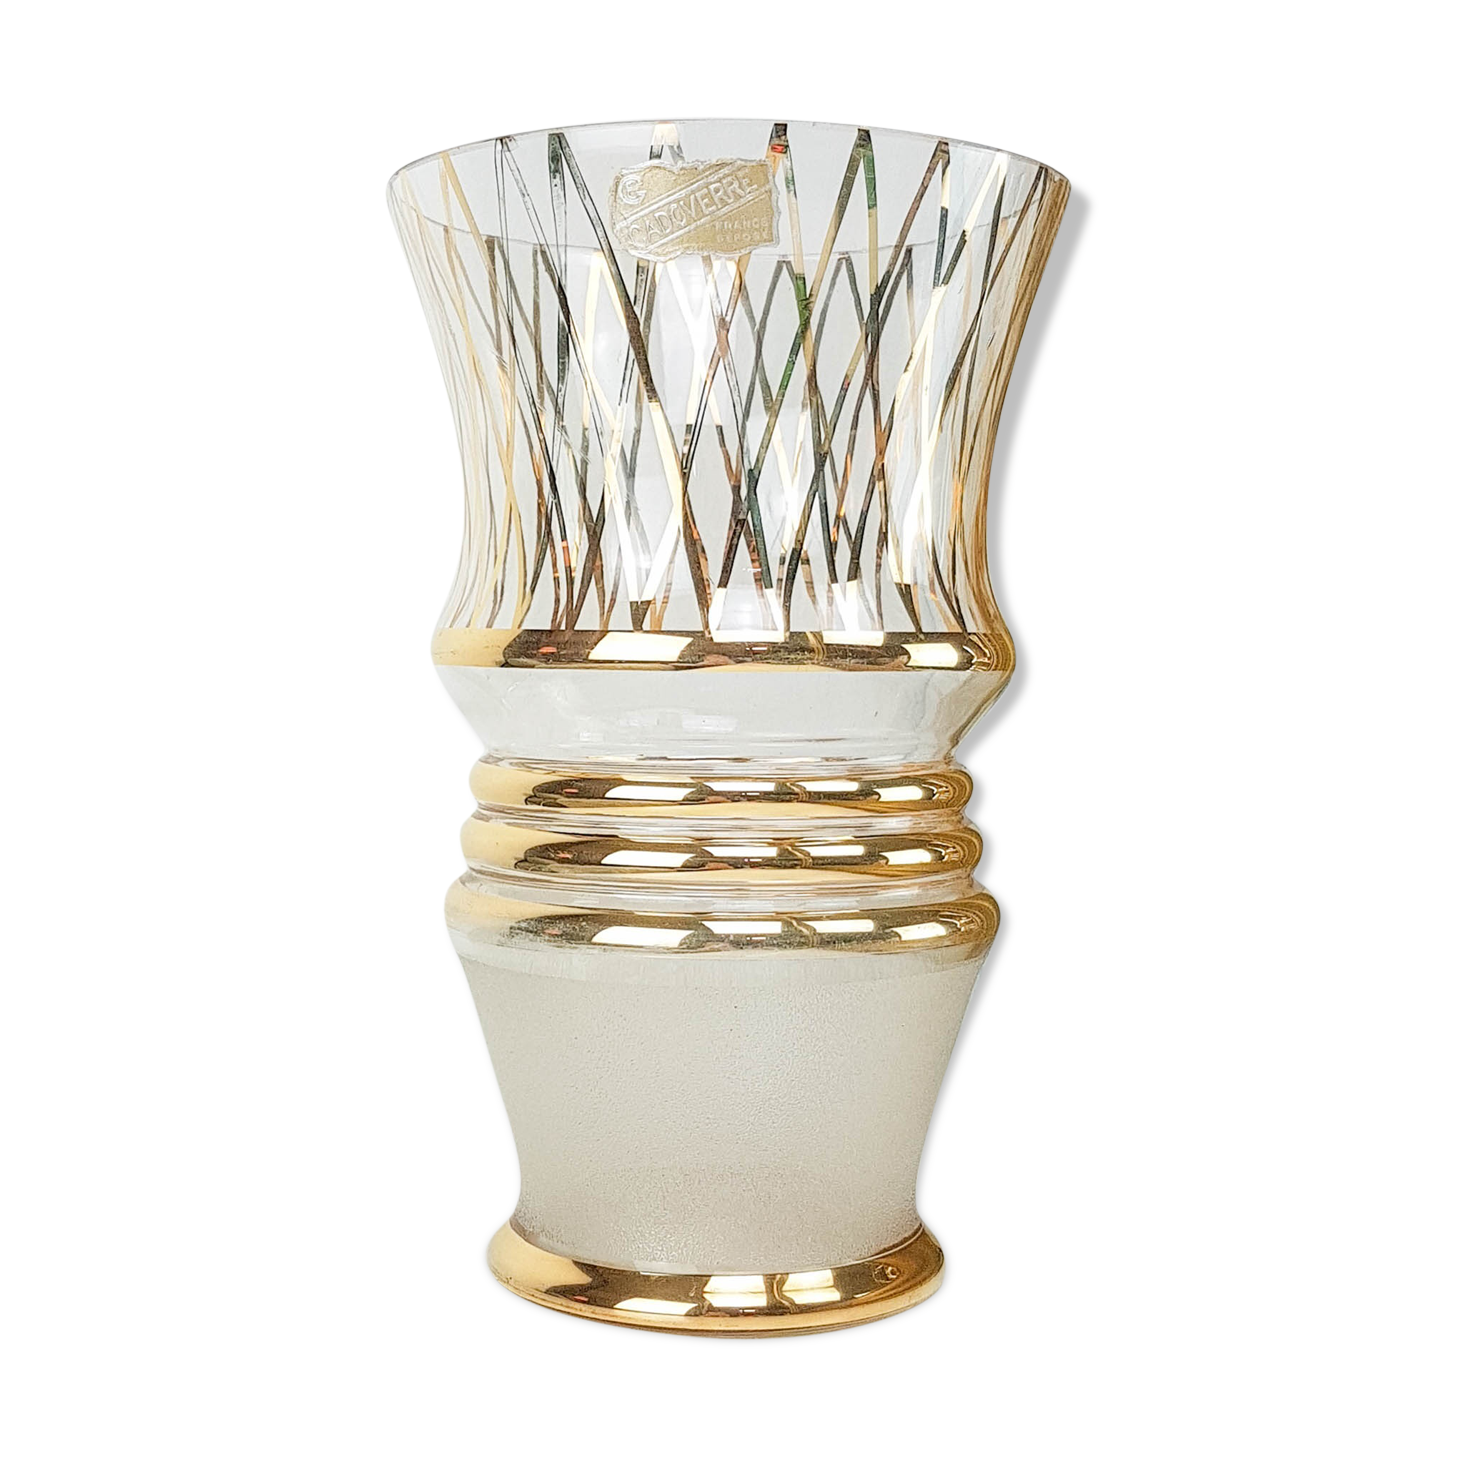 Vase en verre Art déco motif doré Cadoverre vintage